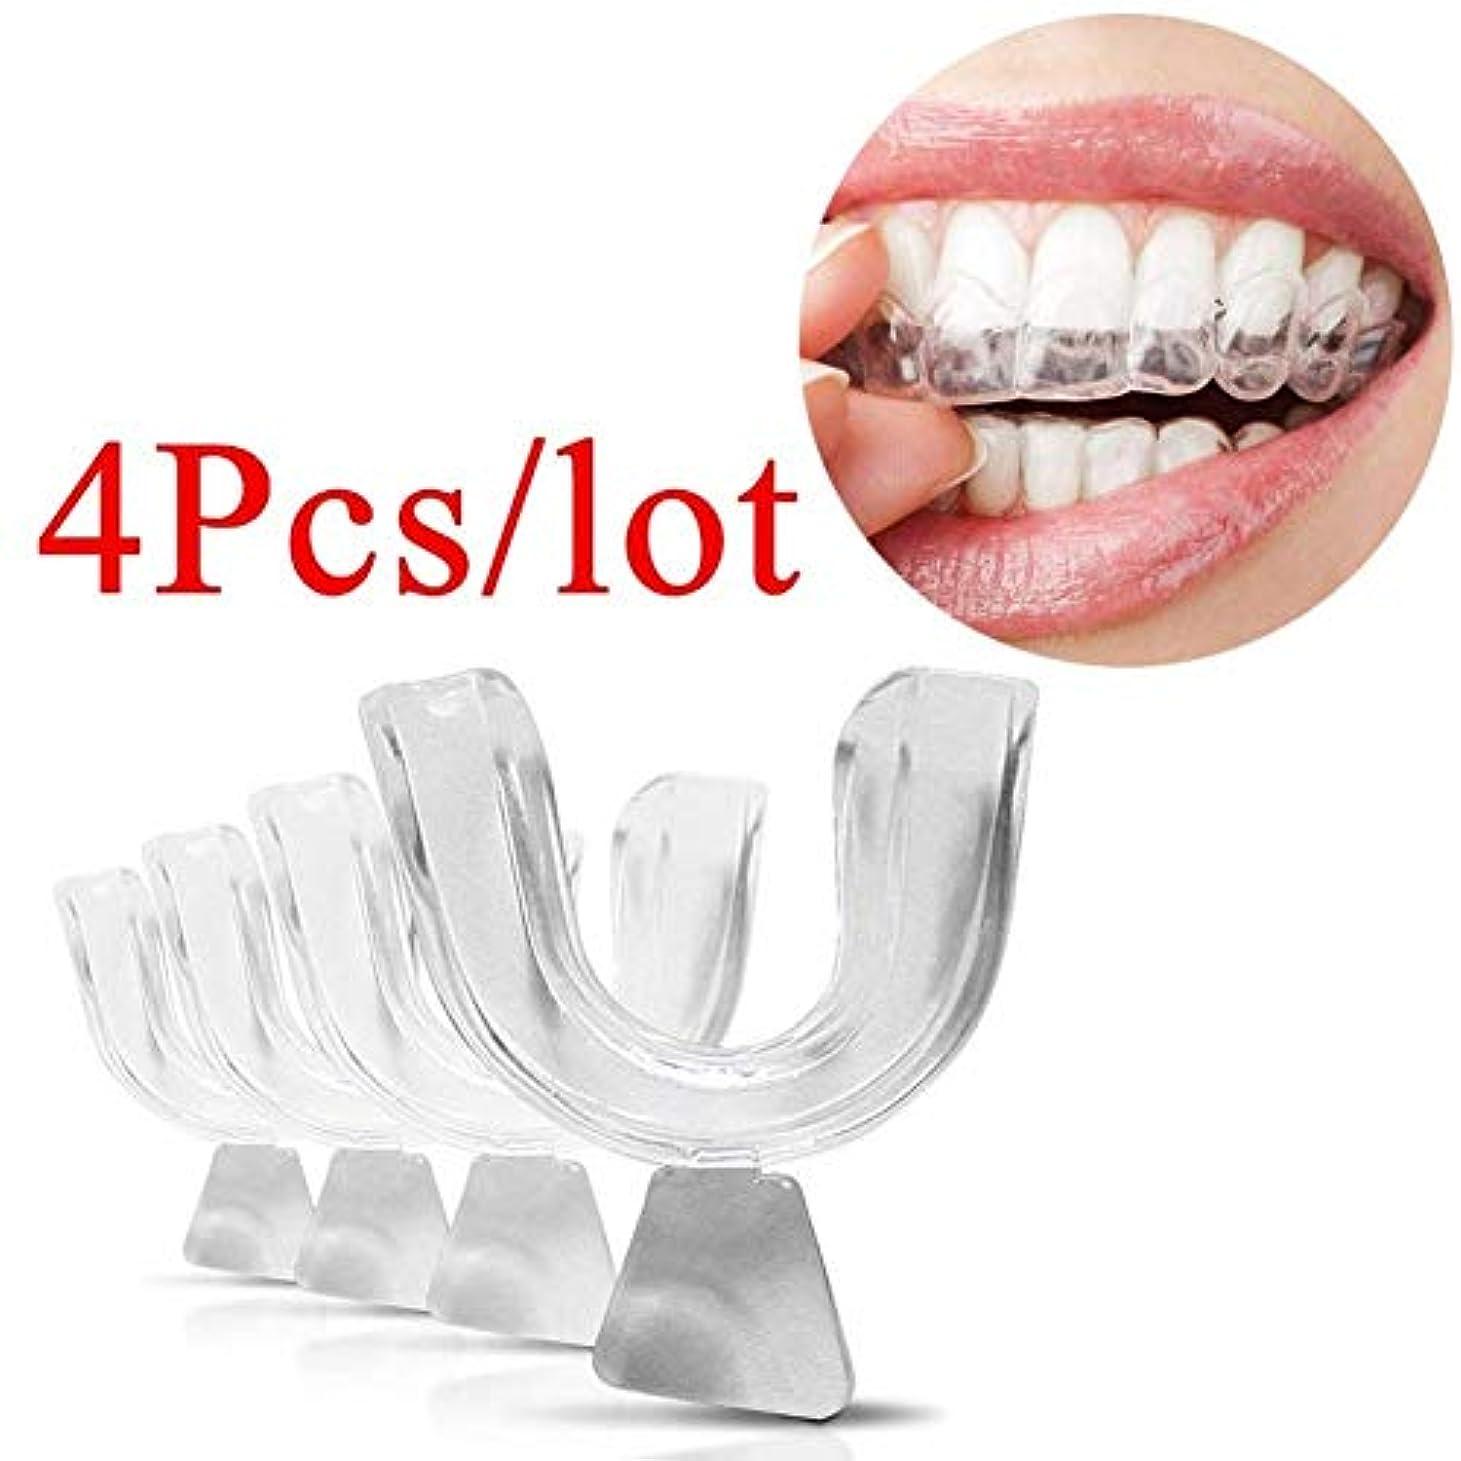 メニュースモッグマークされた透明な食品等級を白くする安全な口の皿のMoldable歯科用歯の口の歯,4Pcs